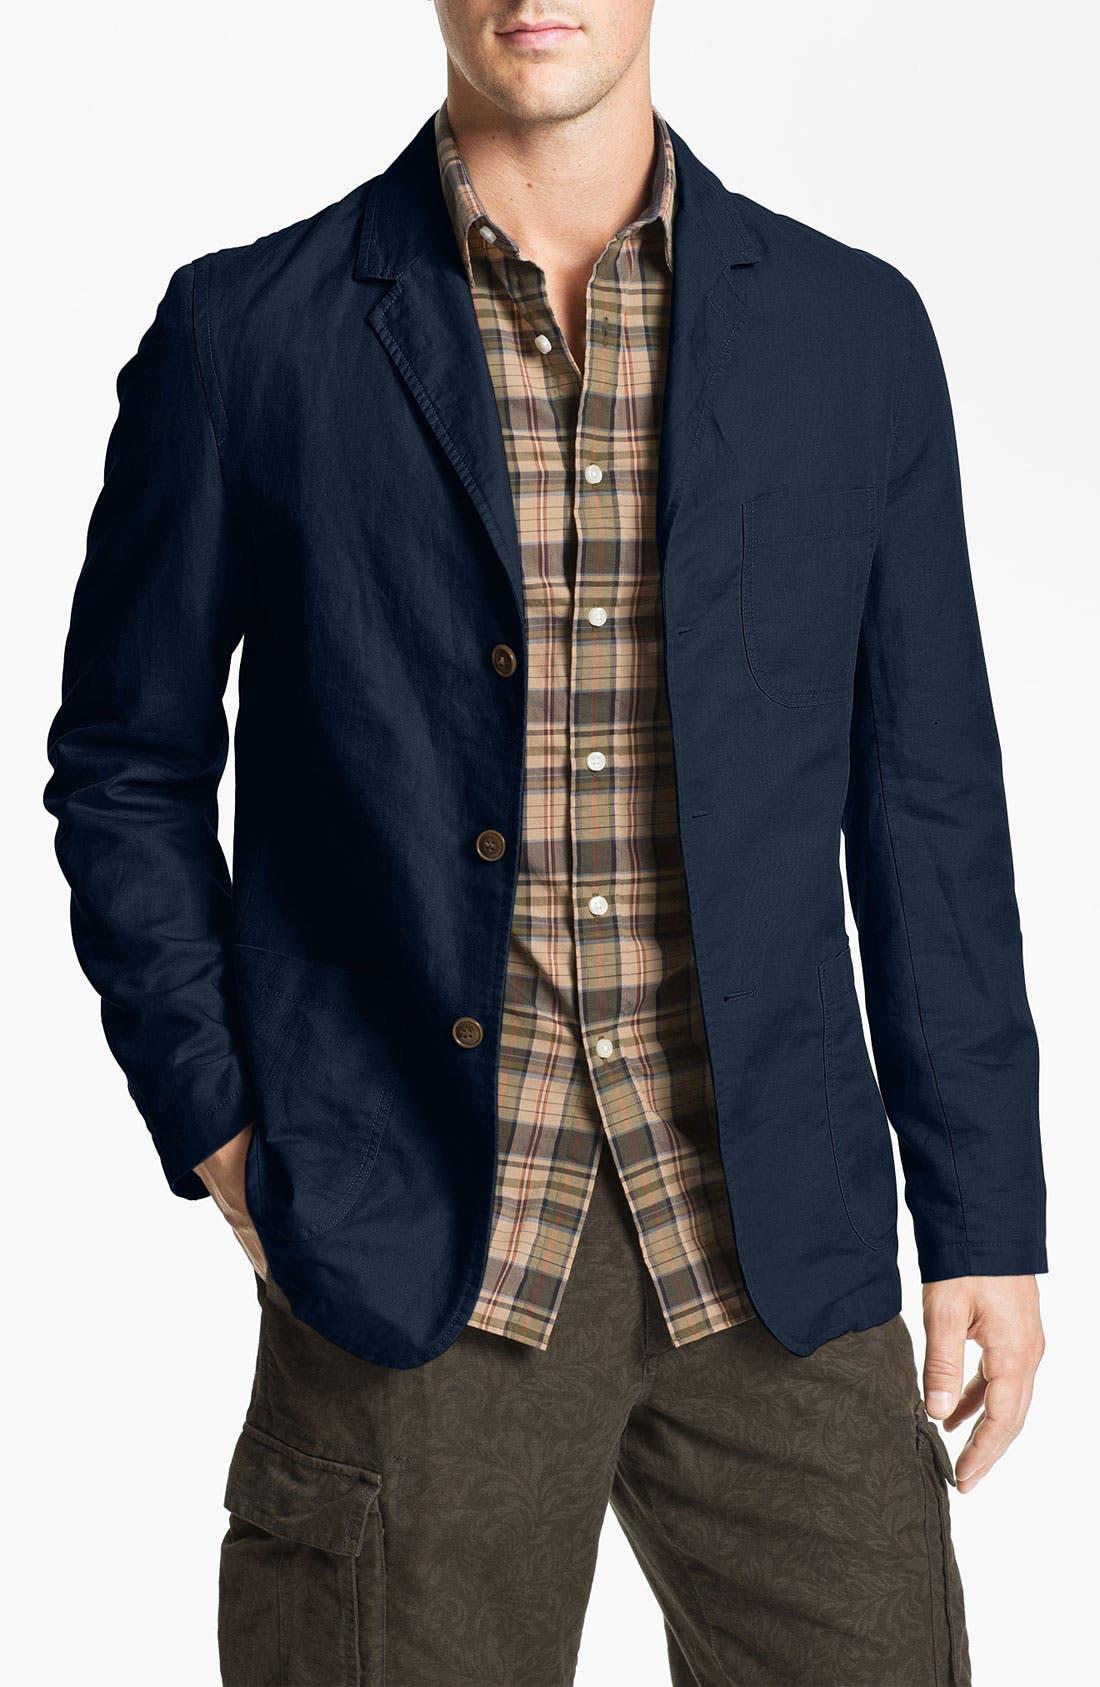 Main Image - Wallin & Bros. 'Hamilton' Twill Sportcoat